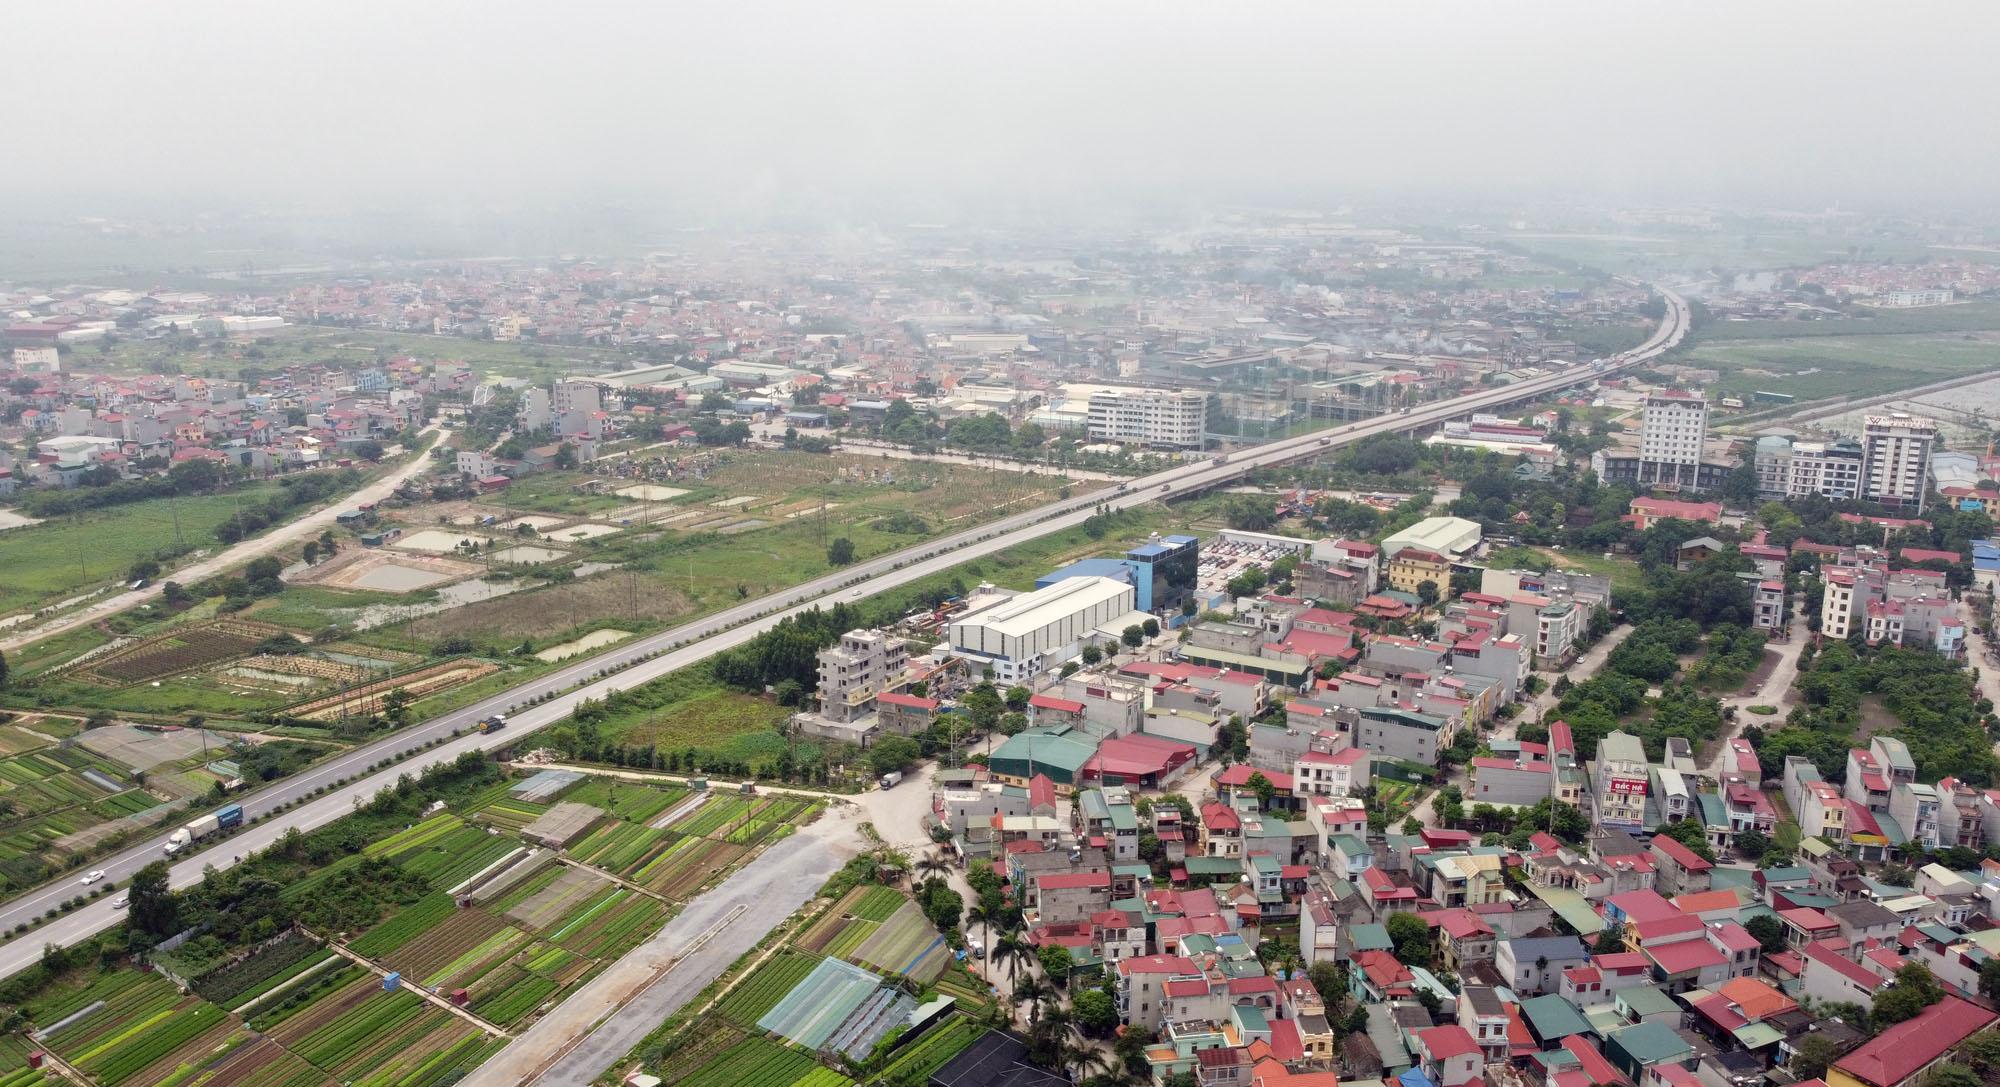 Hải Phòng nâng cấp 12,9 km QL10 từ cầu Đá Bạc đến cầu Kiền, tổng mức đầu tư hơn 1.220 tỷ đồng - Ảnh 1.